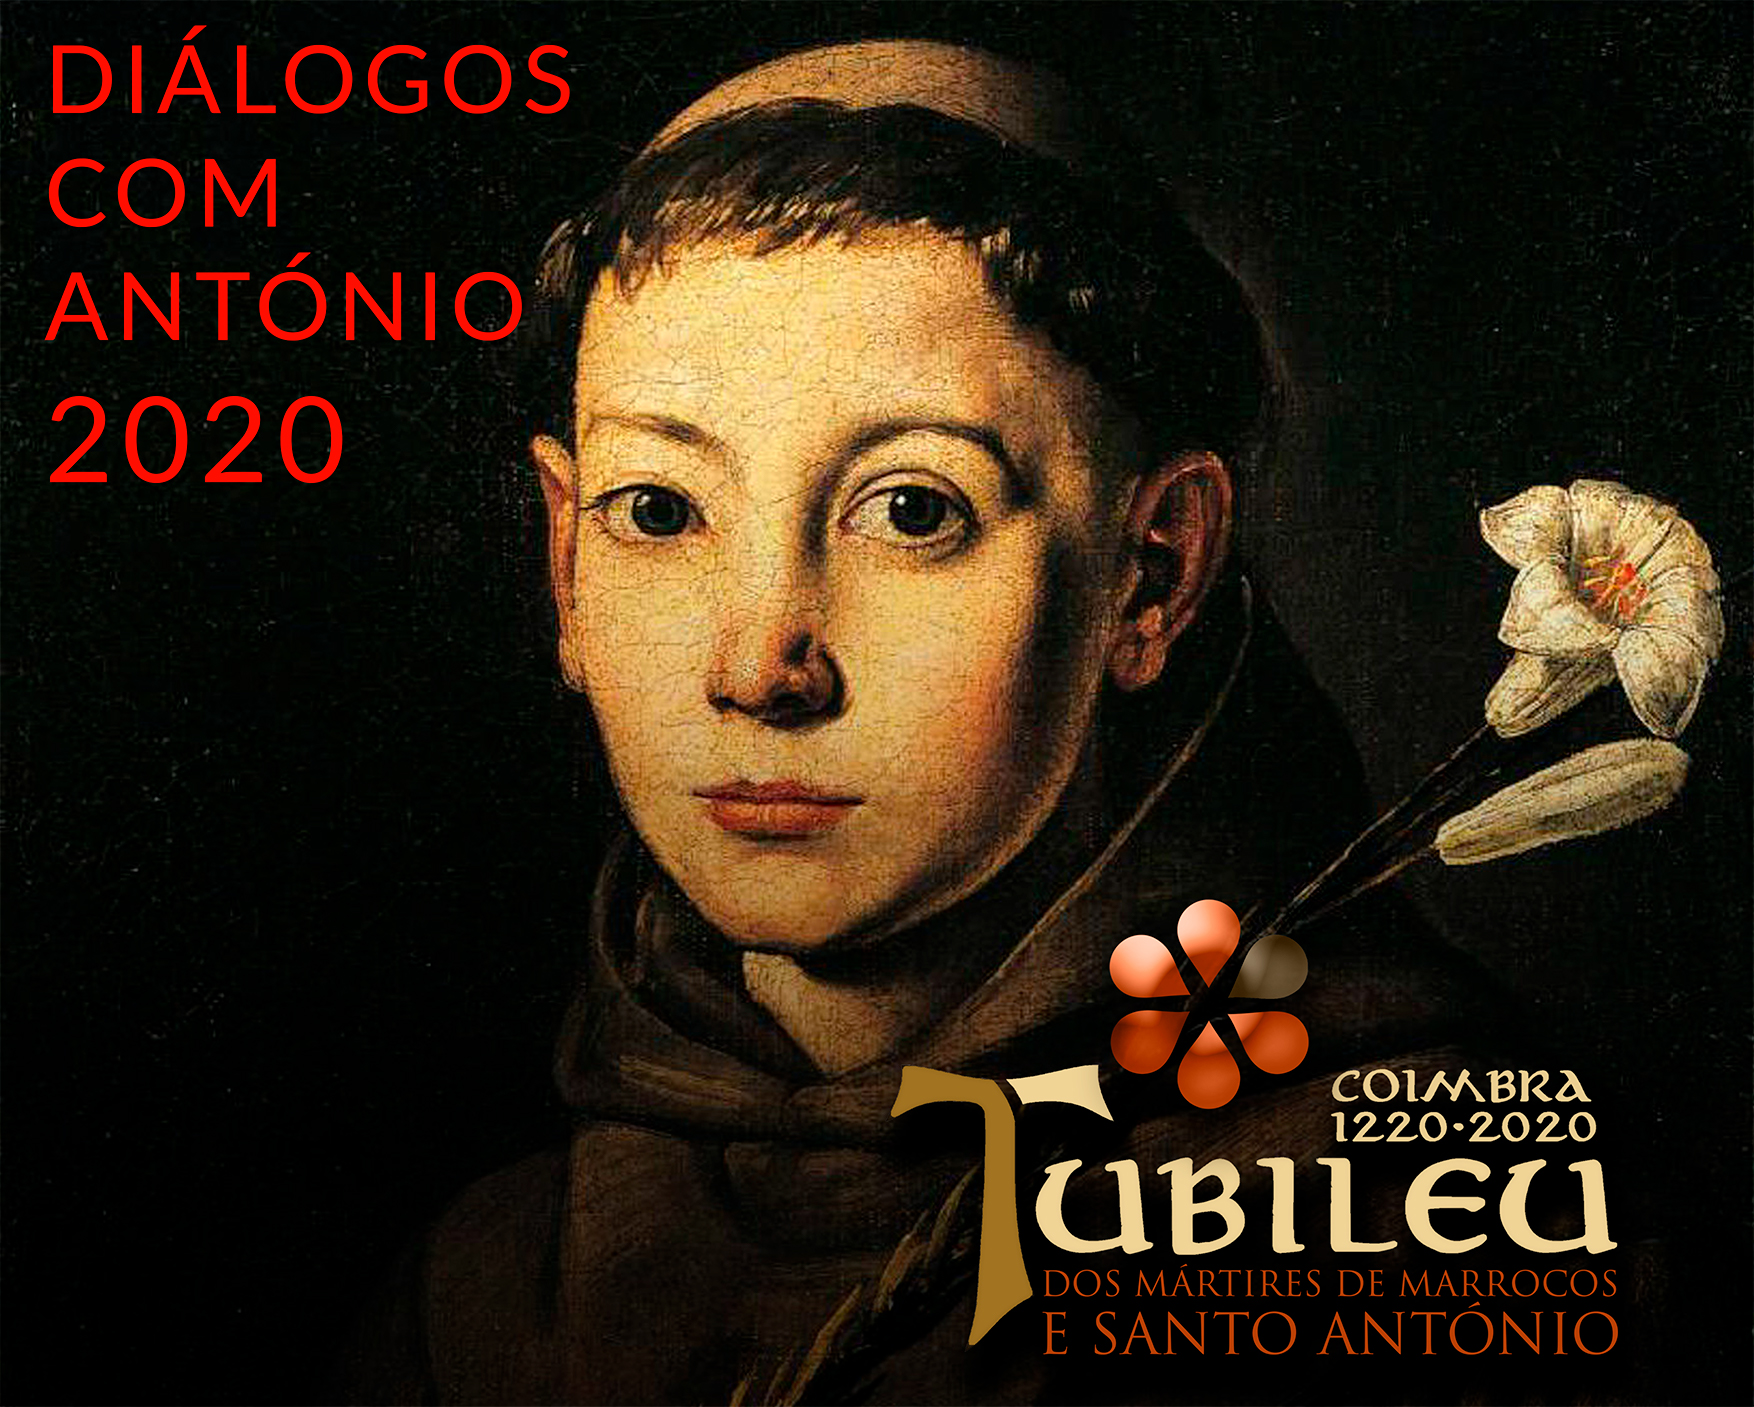 Diálogos com António 2020